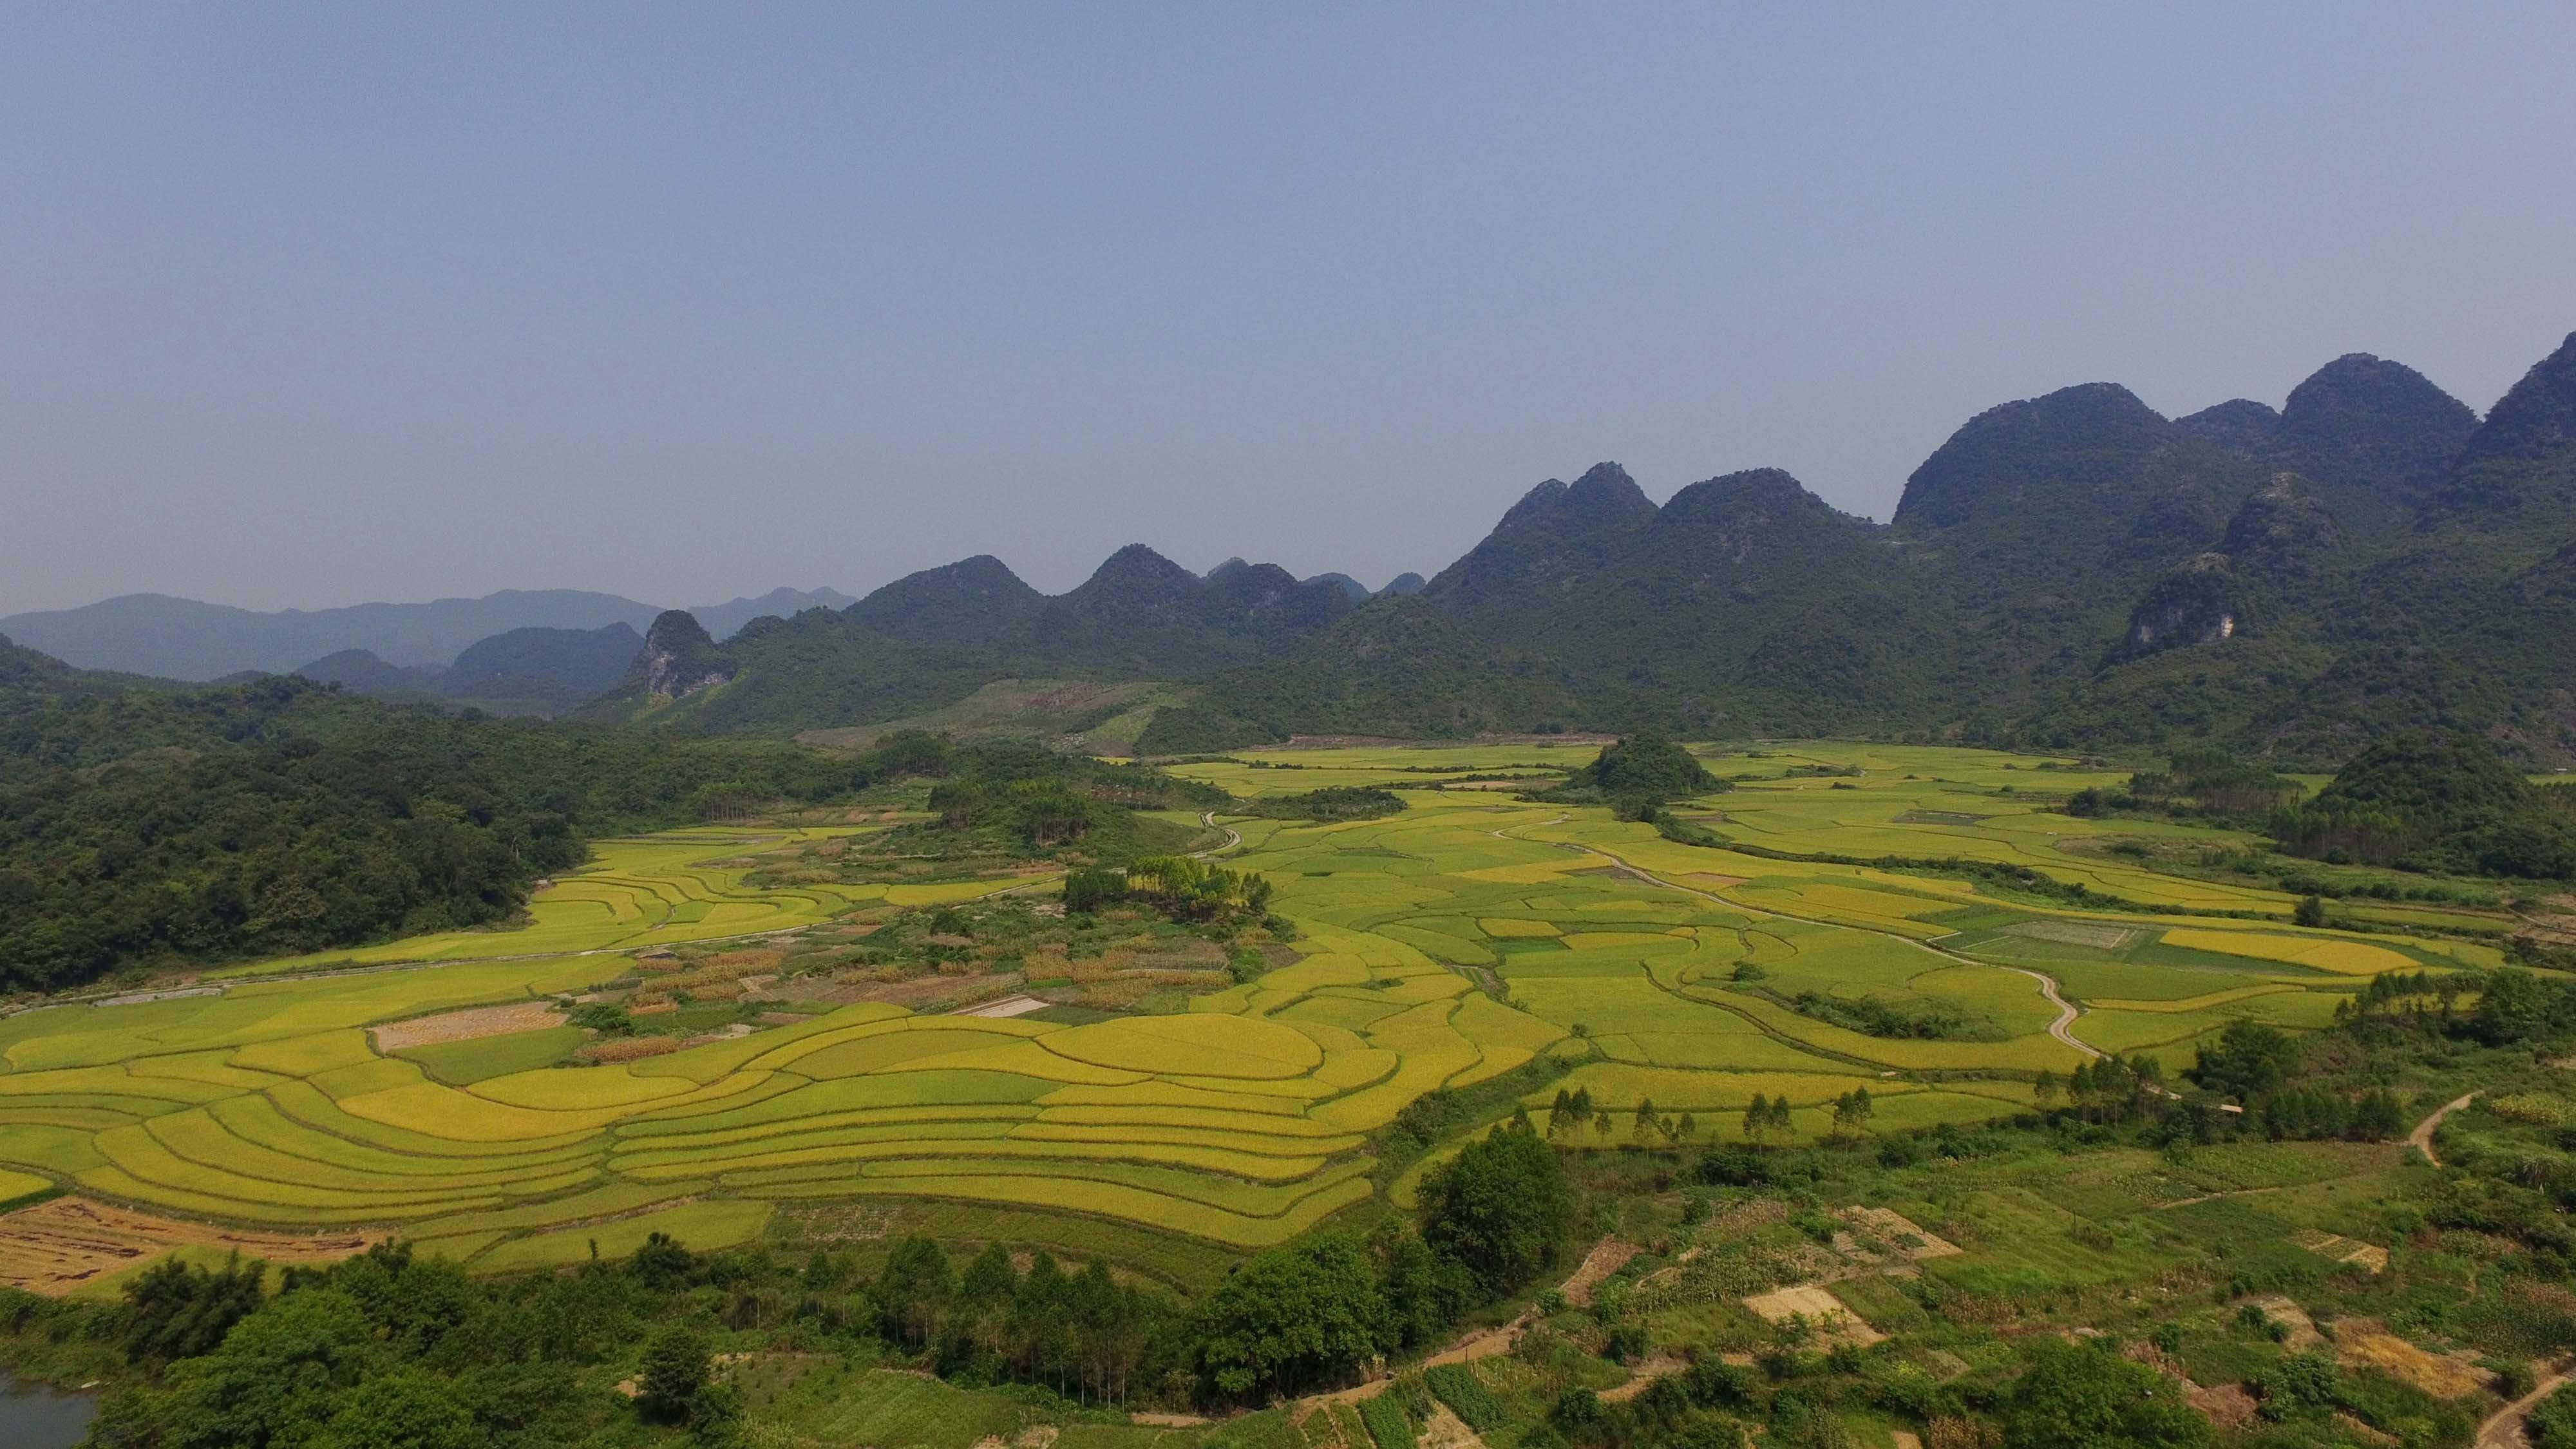 图3:7月26日,在融安县大良镇樟木屯航拍的田园风光.